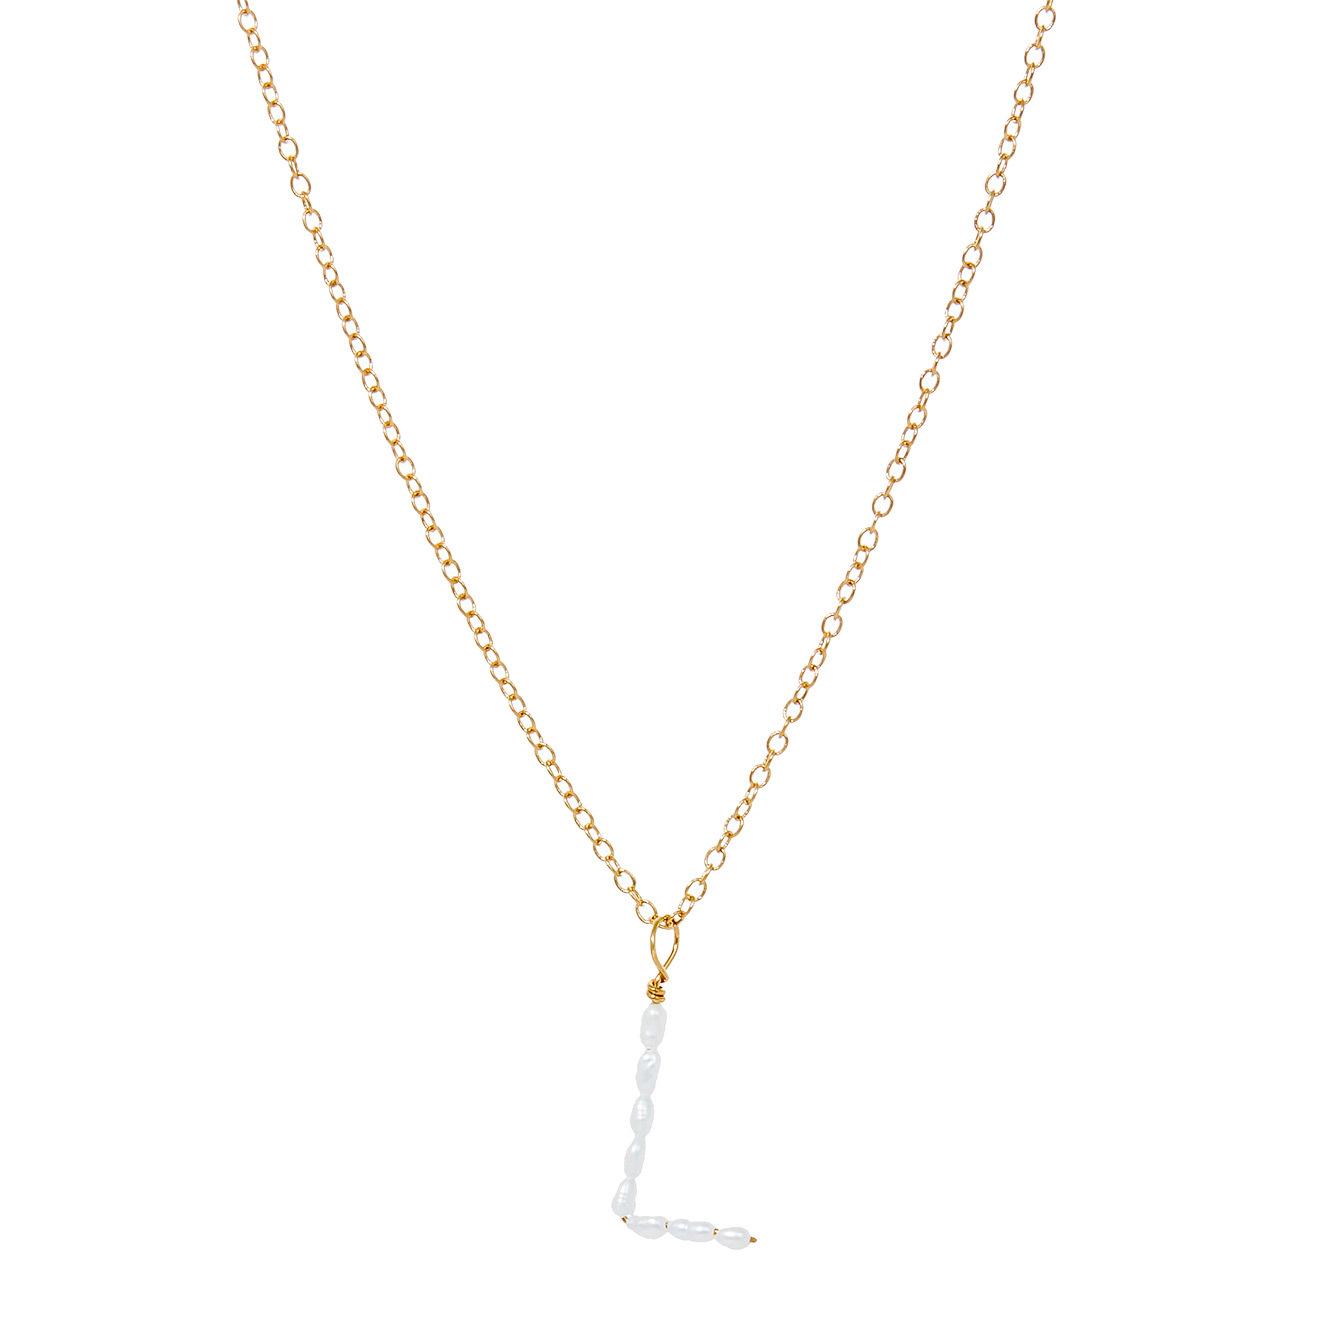 Ringstone Позолоченная жемчужная подвеска из серебра с буквой L